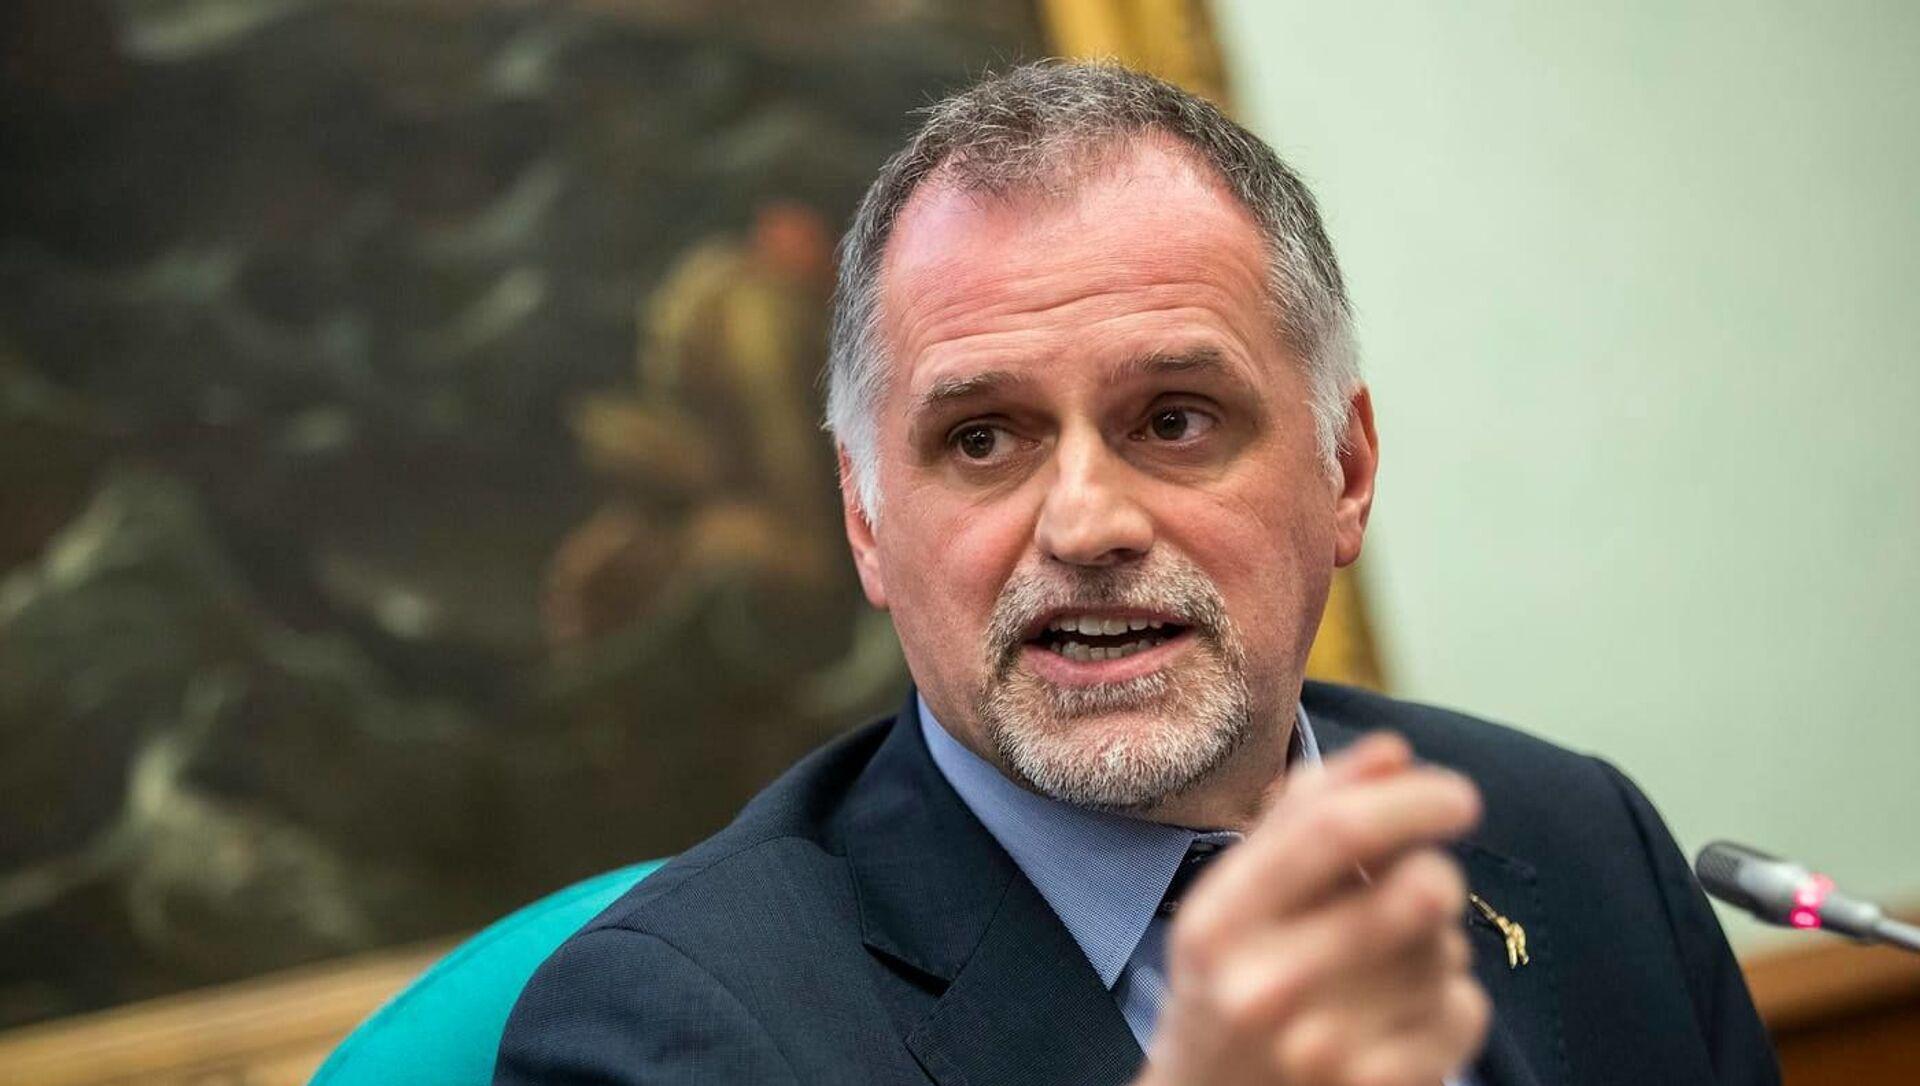 Massimo Garavaglia, Ministro per il coordinamento di iniziative nel settore del turismo - Sputnik Italia, 1920, 25.02.2021